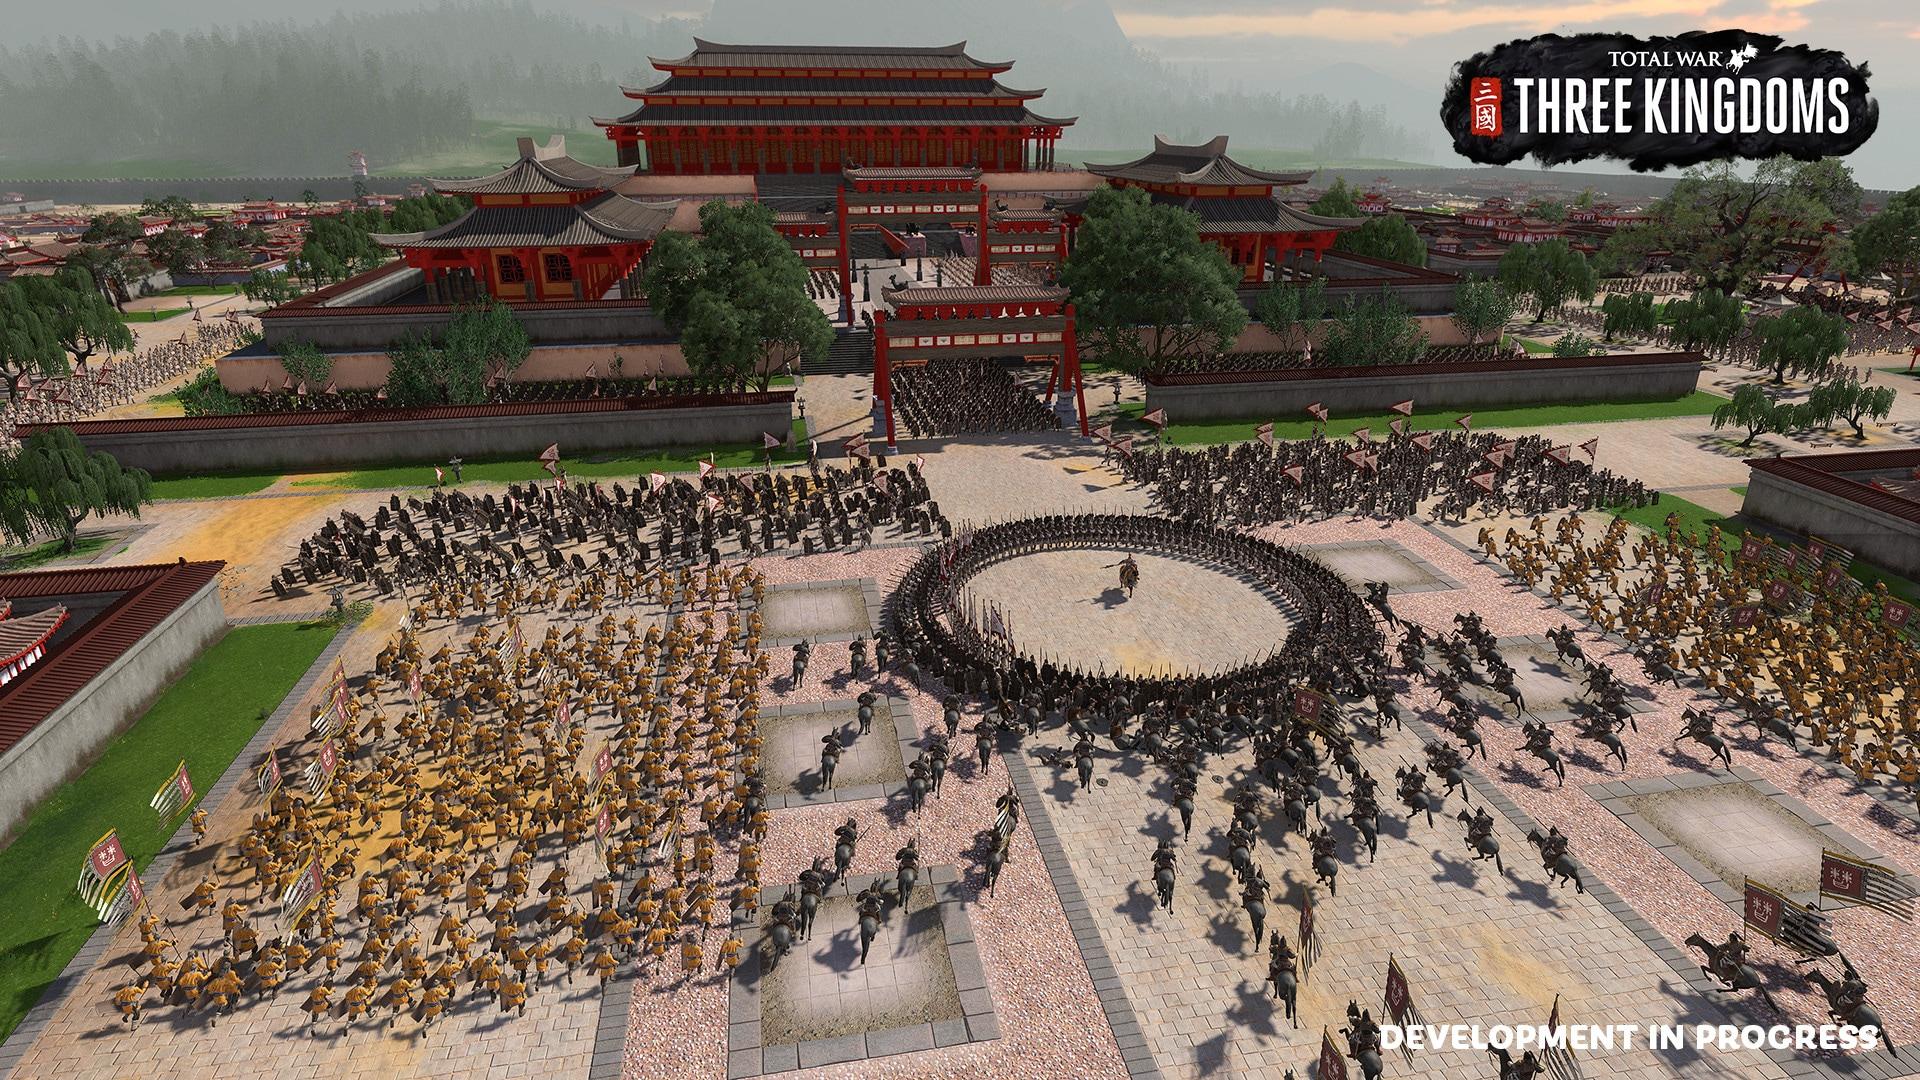 Total War: THREE KINGDOMS (PC) - Steam Key - GLOBAL - 3